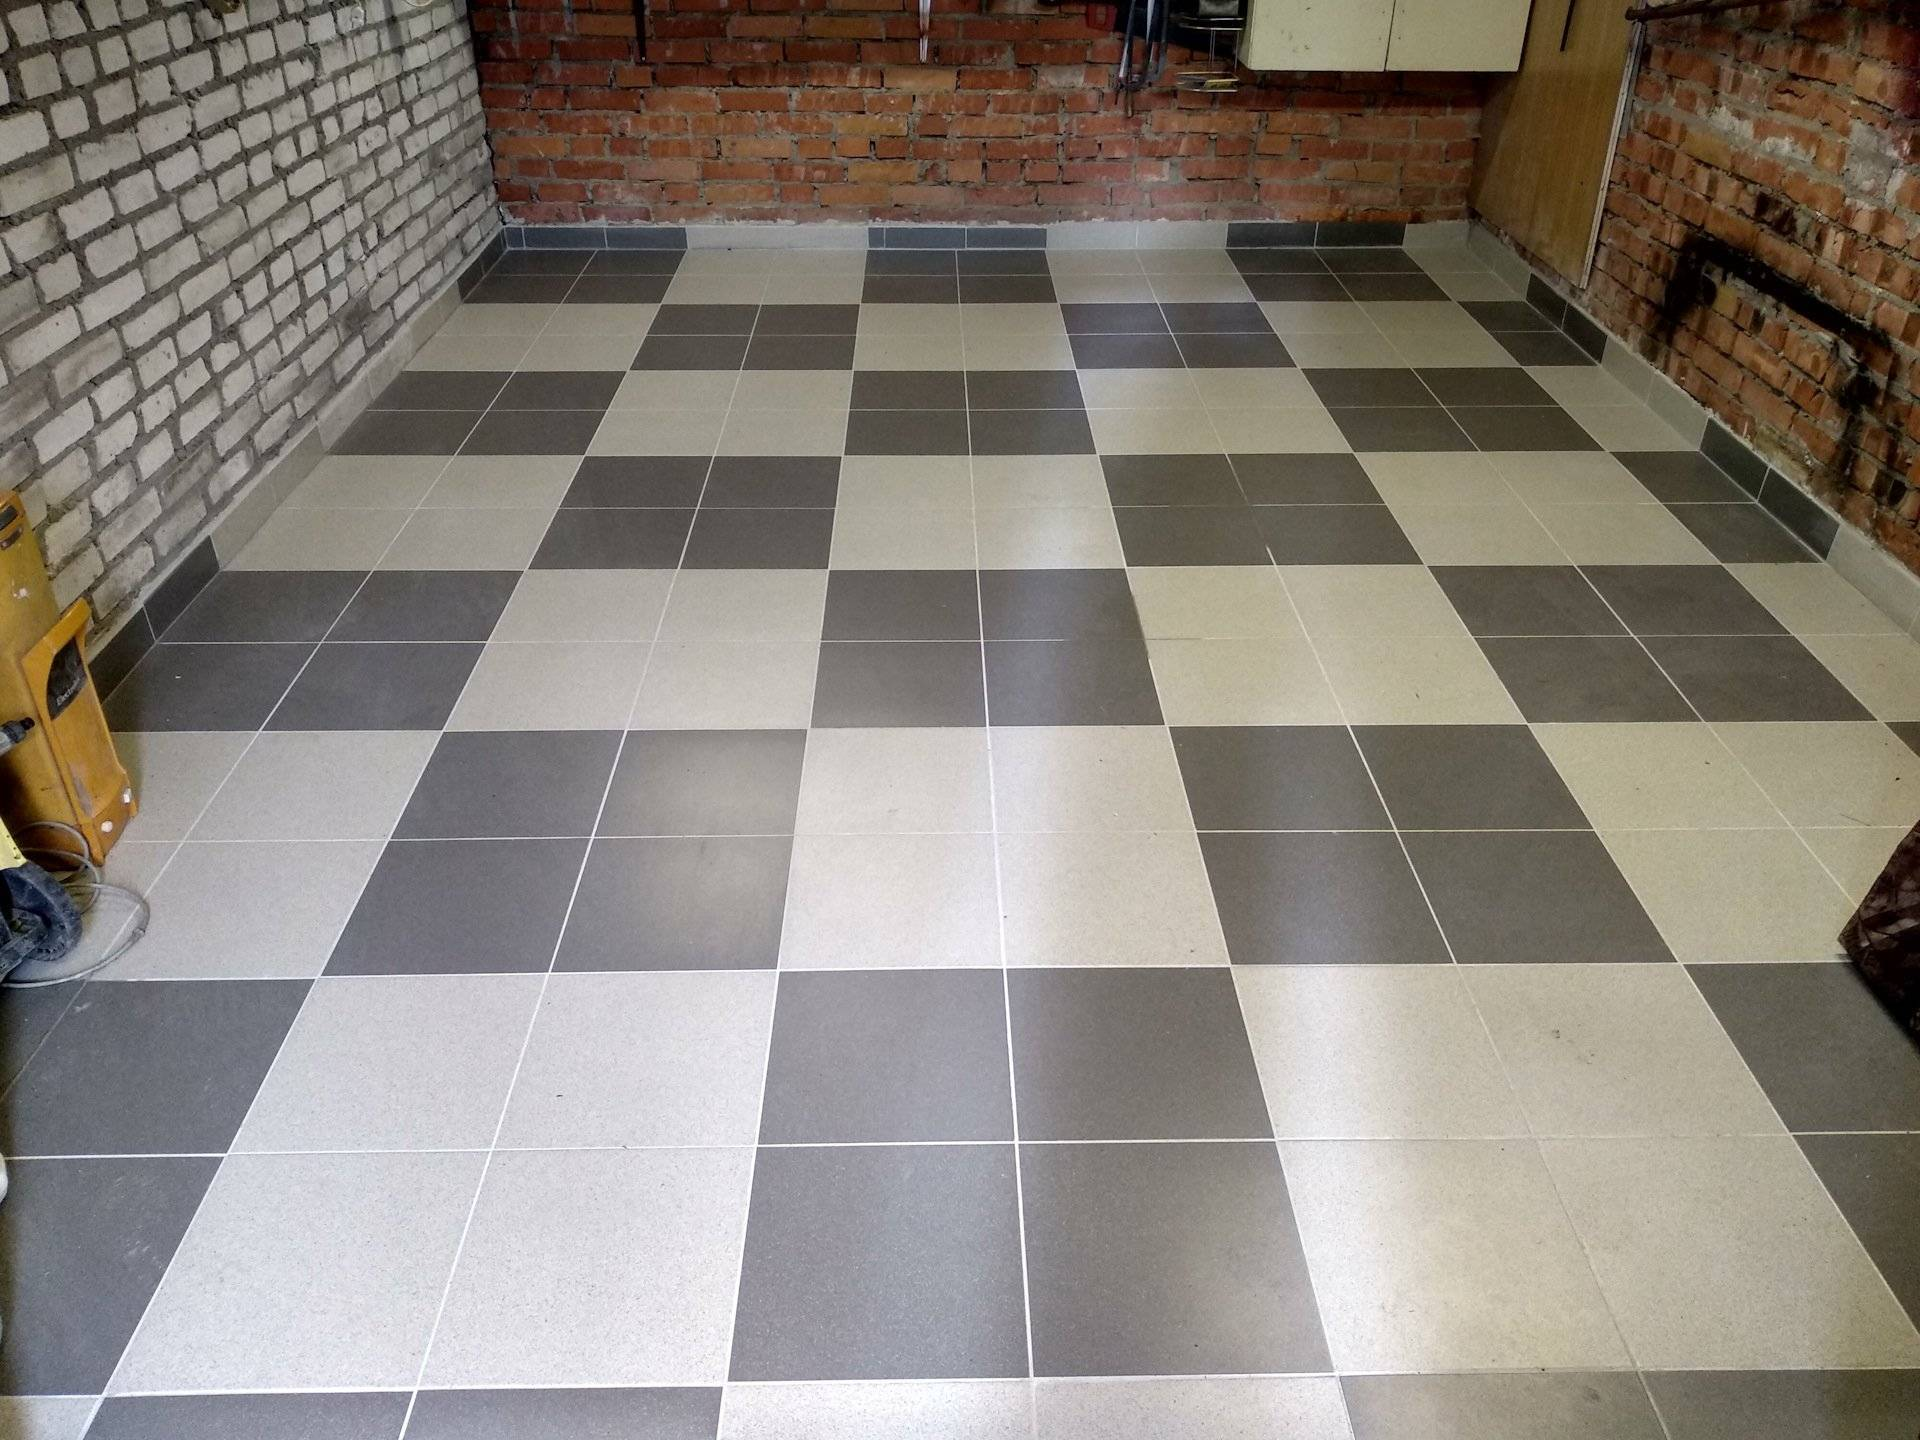 Чем покрыть бетонный пол в гараже, чтобы он не пылил